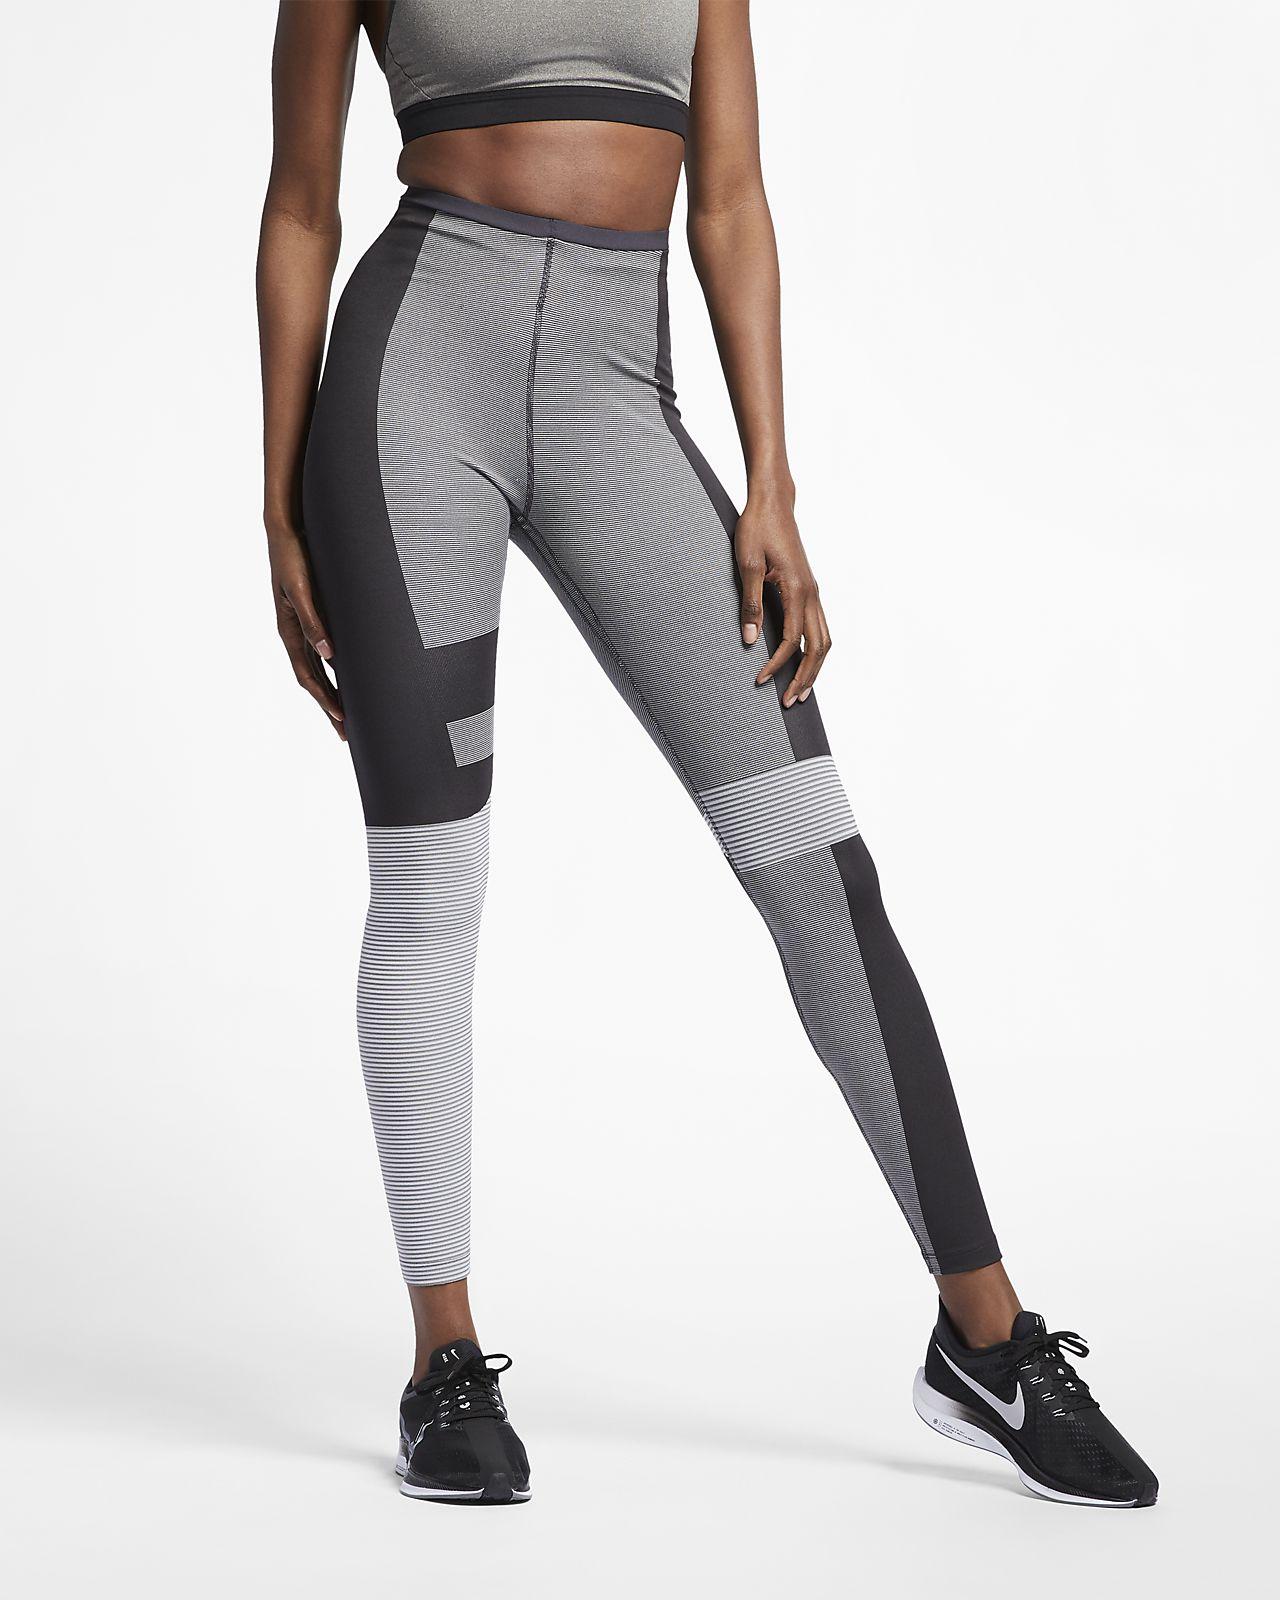 Nike Tech 女子跑步紧身裤